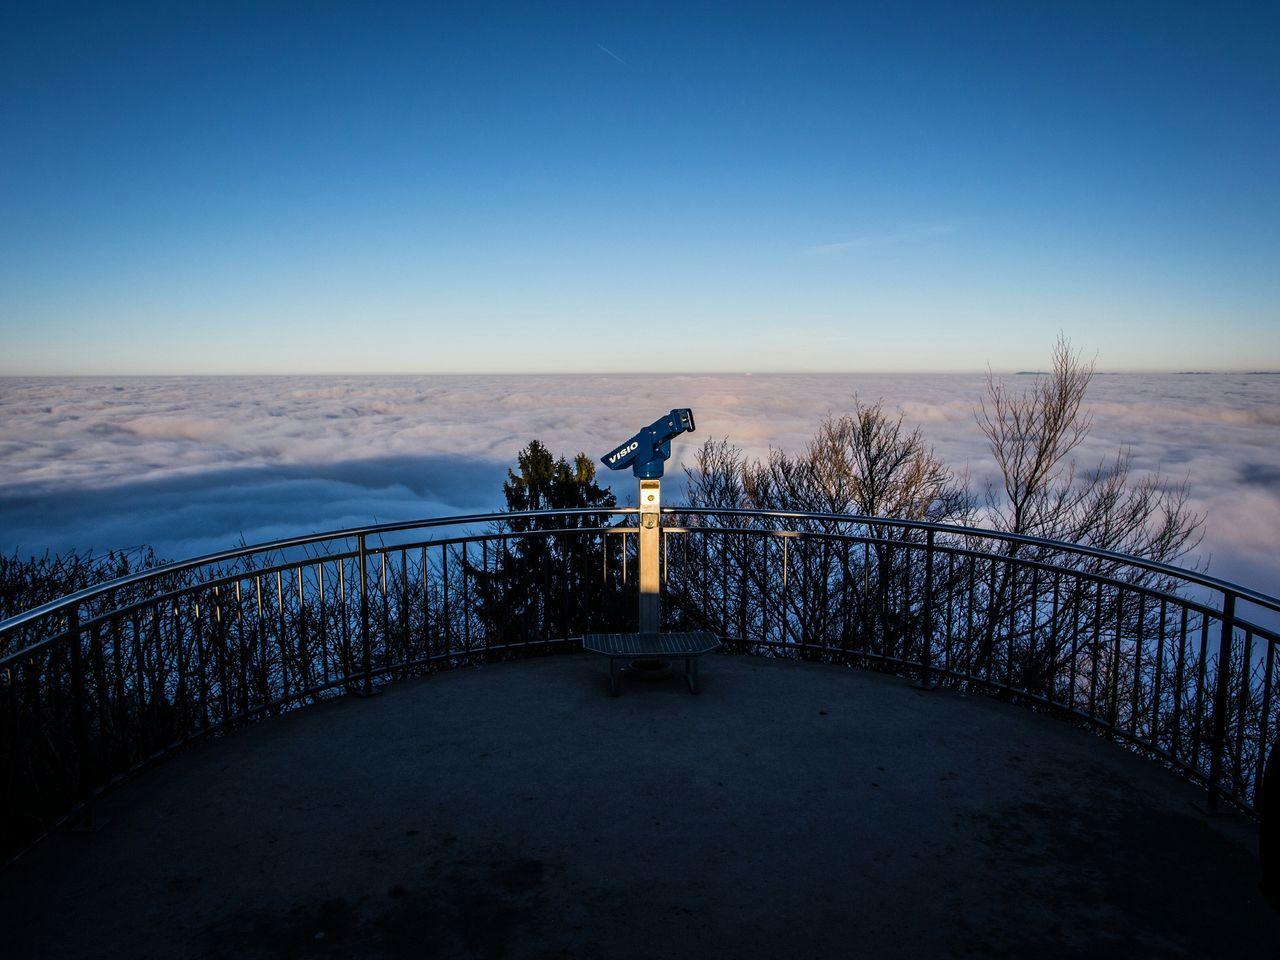 Sae of fog My Winter Favorites Foggy Day Fog Foggy Seaofclouds Seaoffog üetliberg Zurich, Switzerland Zürich Switzerland Schweiz Skyporn Sky_collection Wintertime Winter